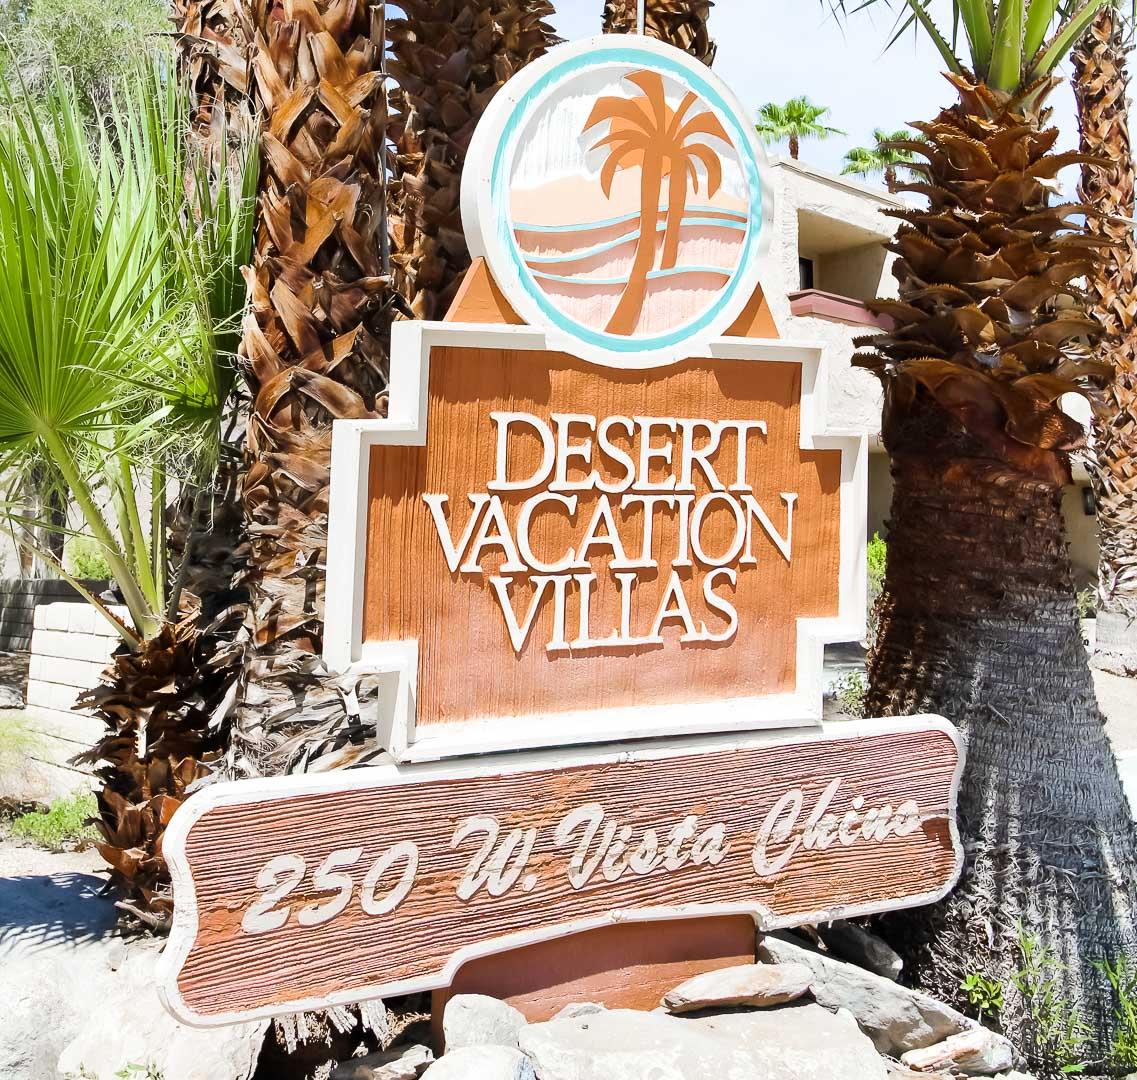 Desert-Vacation-Villas-01